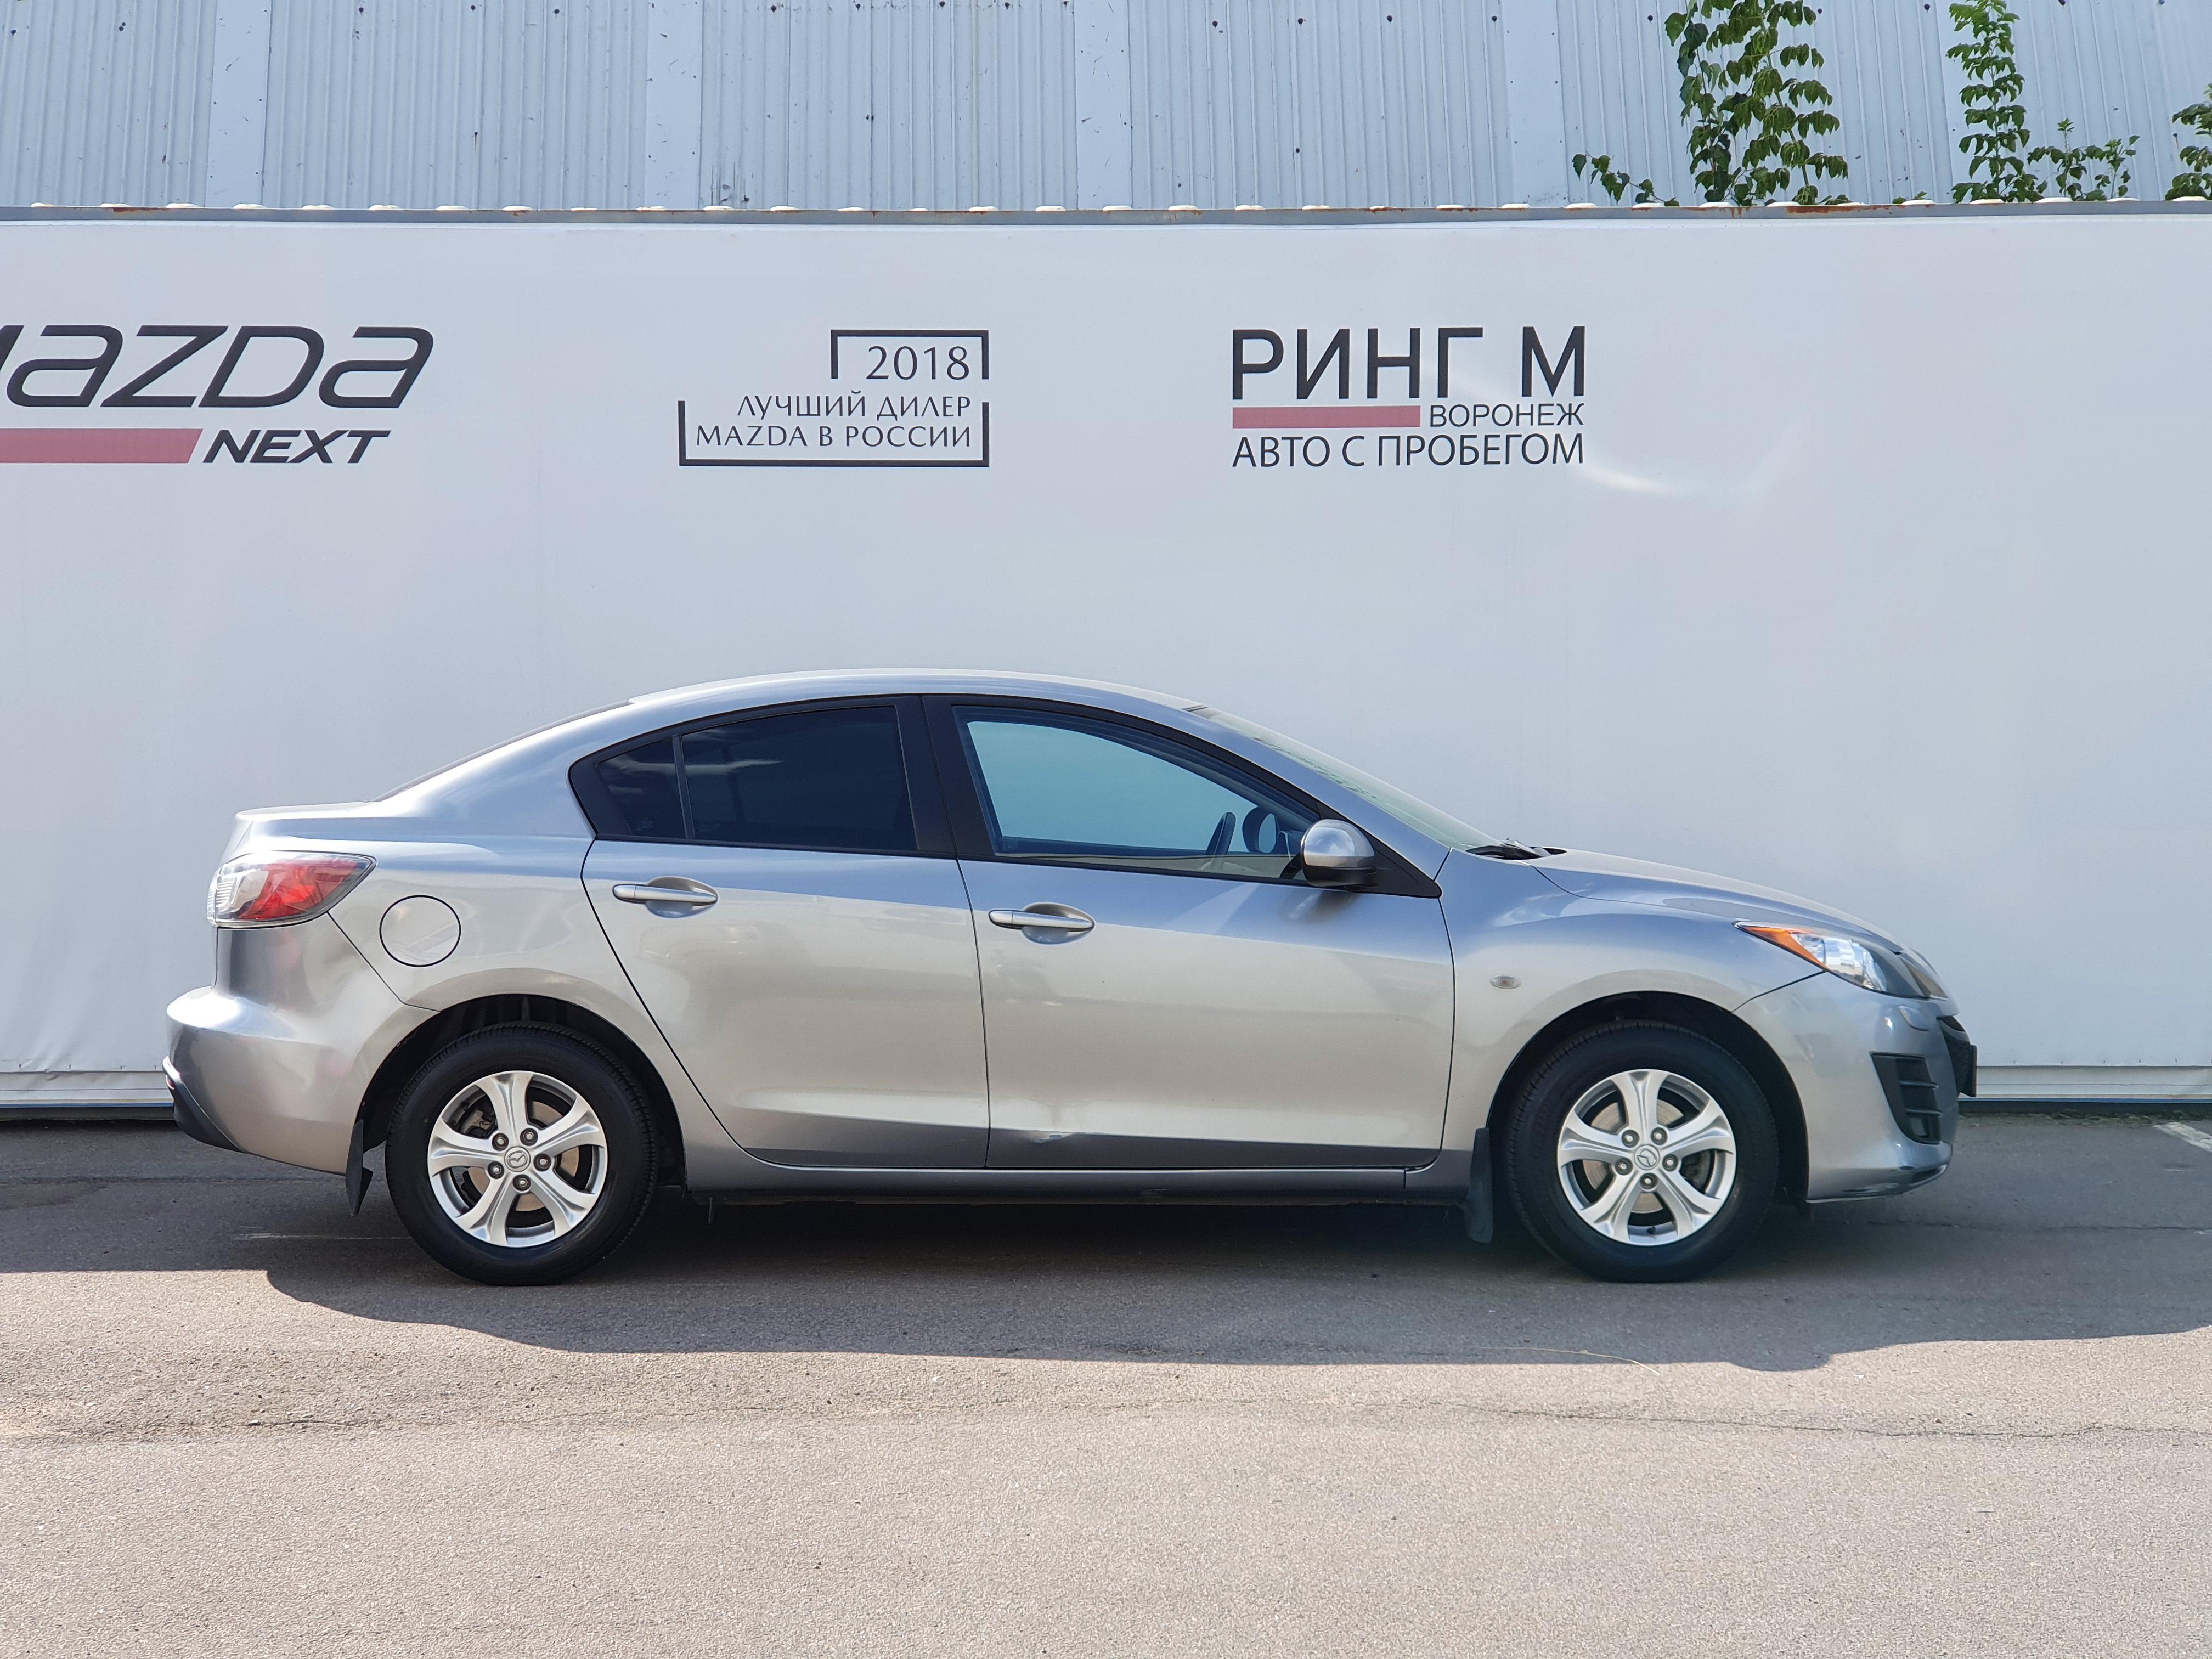 Mazda 3 Седан (2011г.)